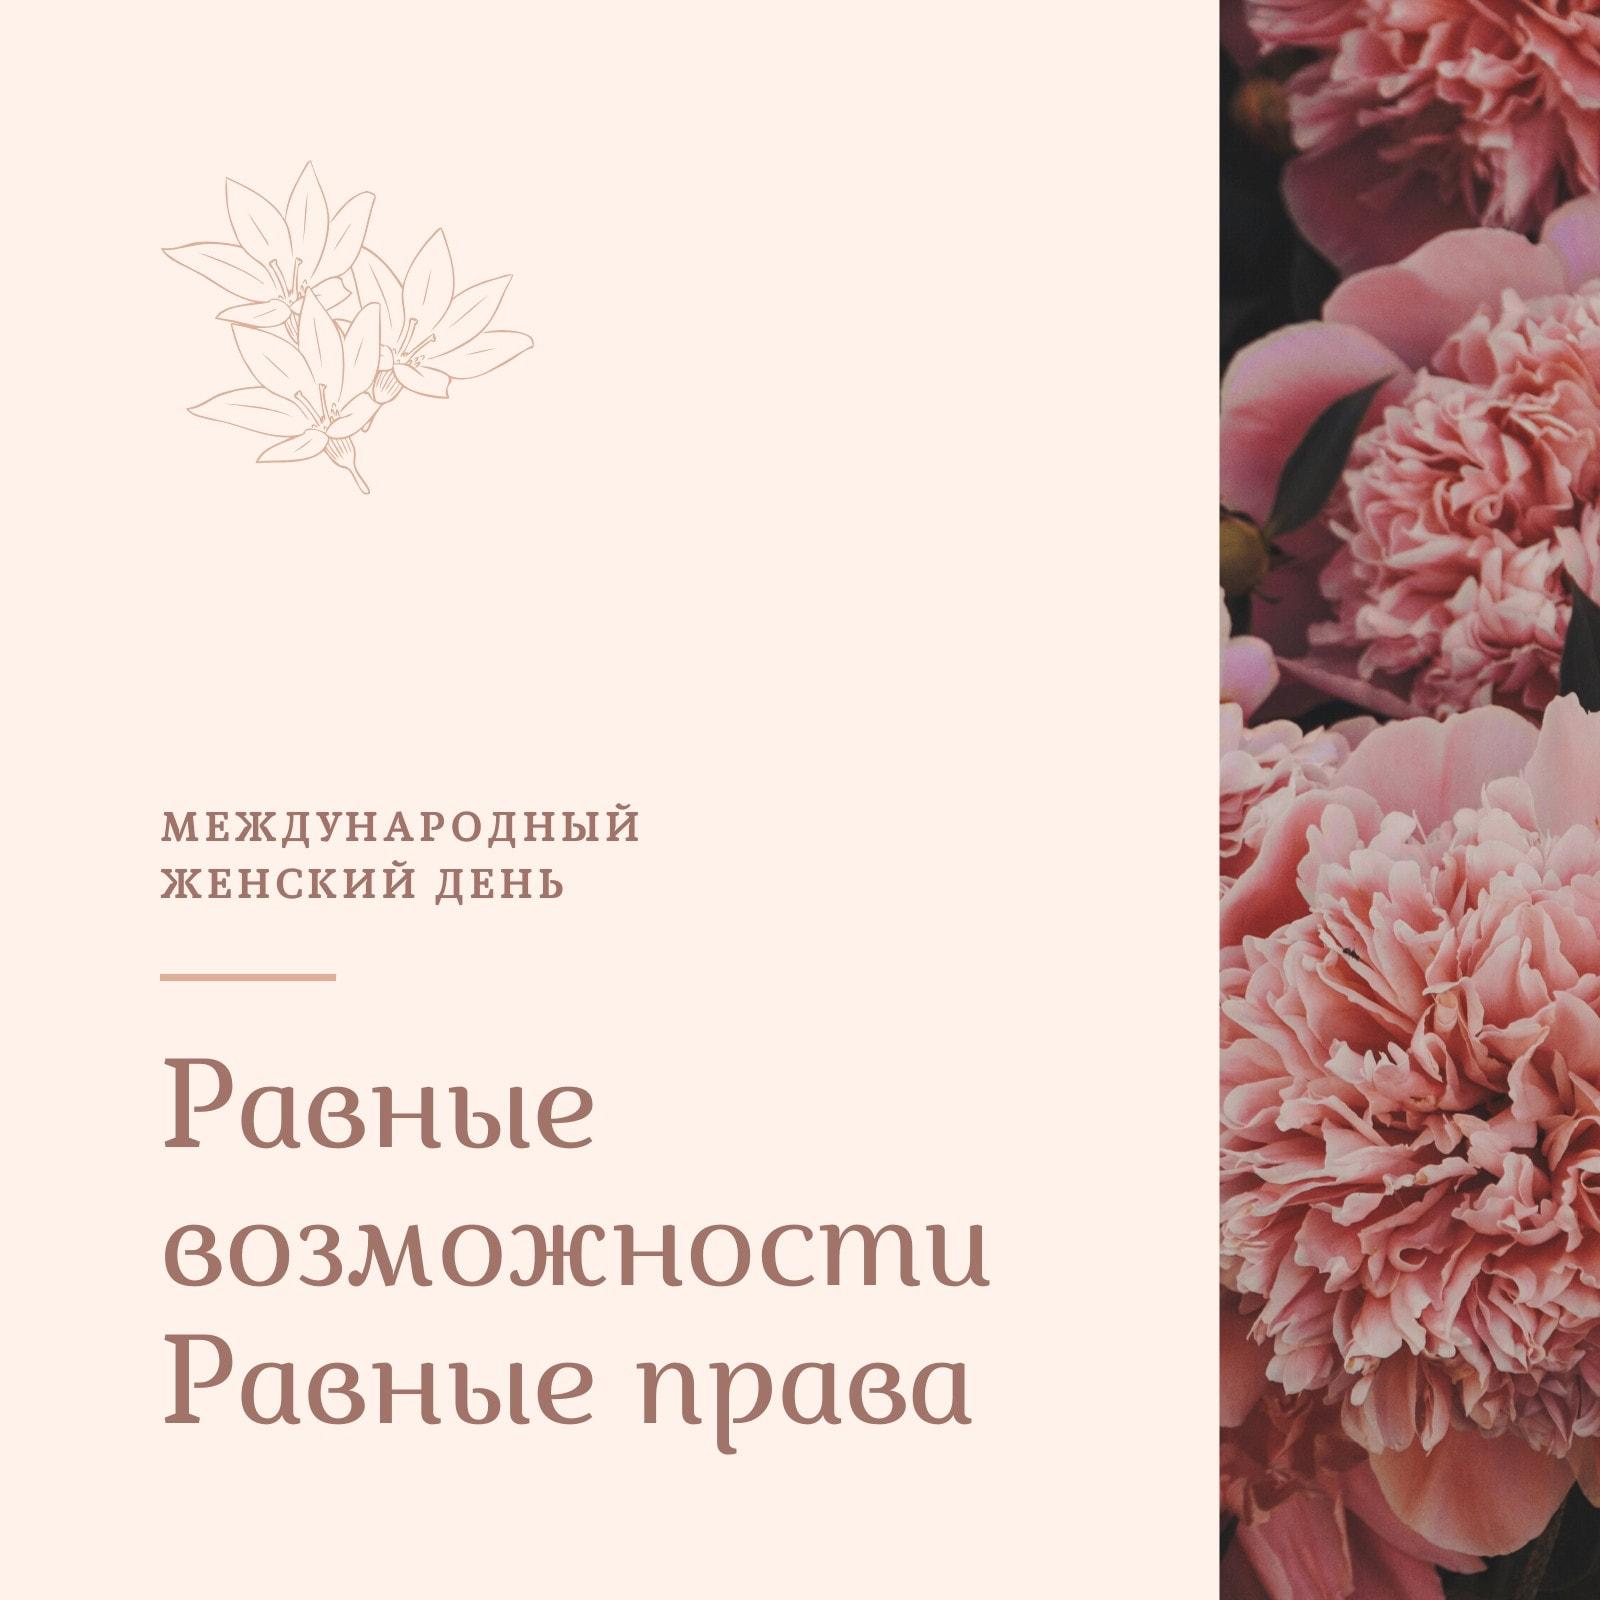 Розовая публикация в Instagram на женский день с цветочной иллюстрацией